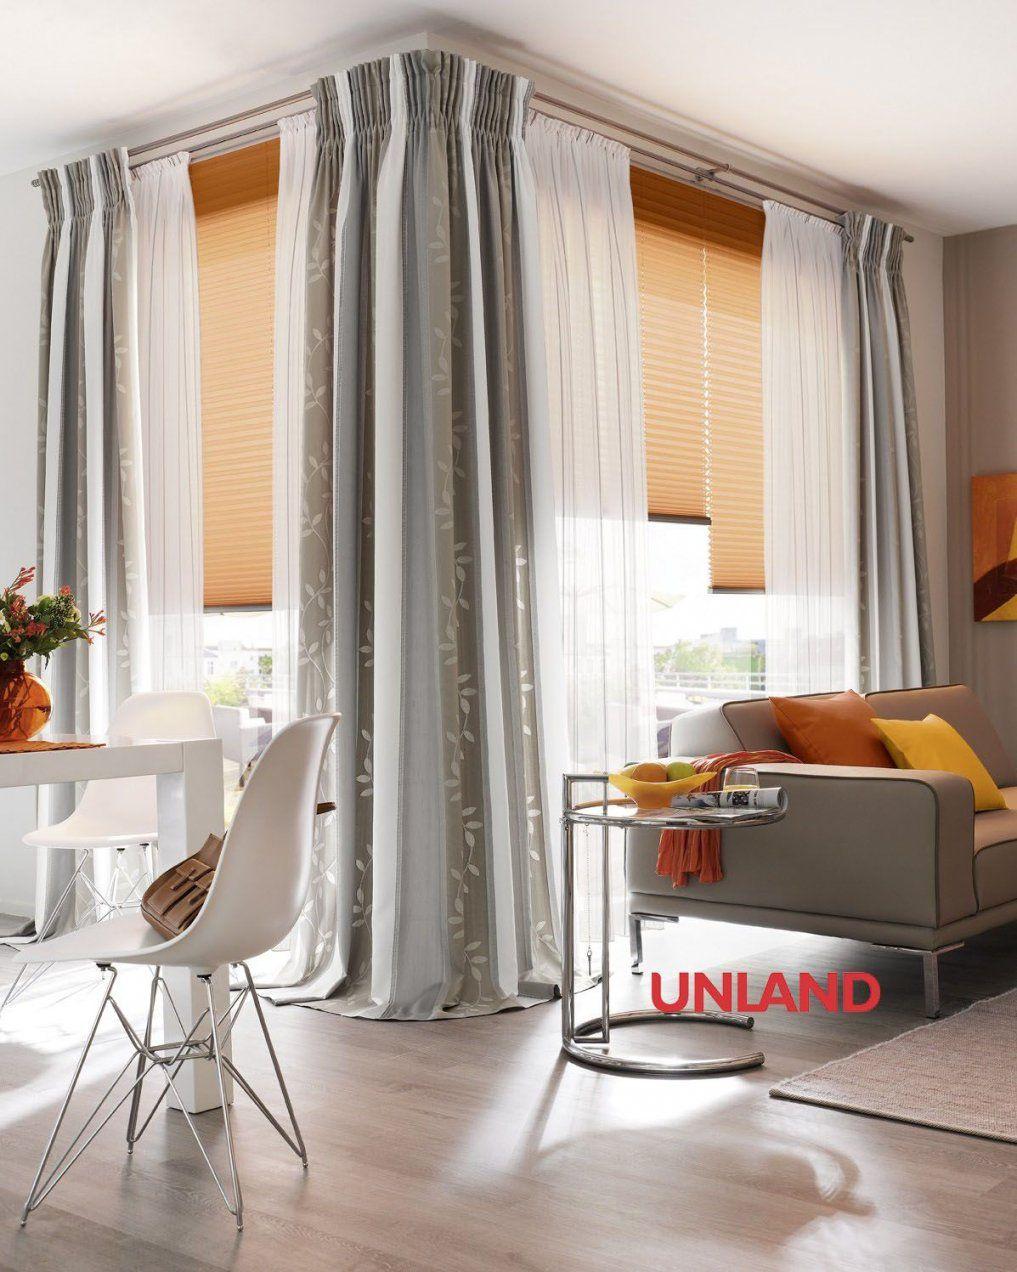 Unland Selene Fensterideen Vorhang Gardinen Und Sonnenschutz von Unland Gardinen Muster Bild